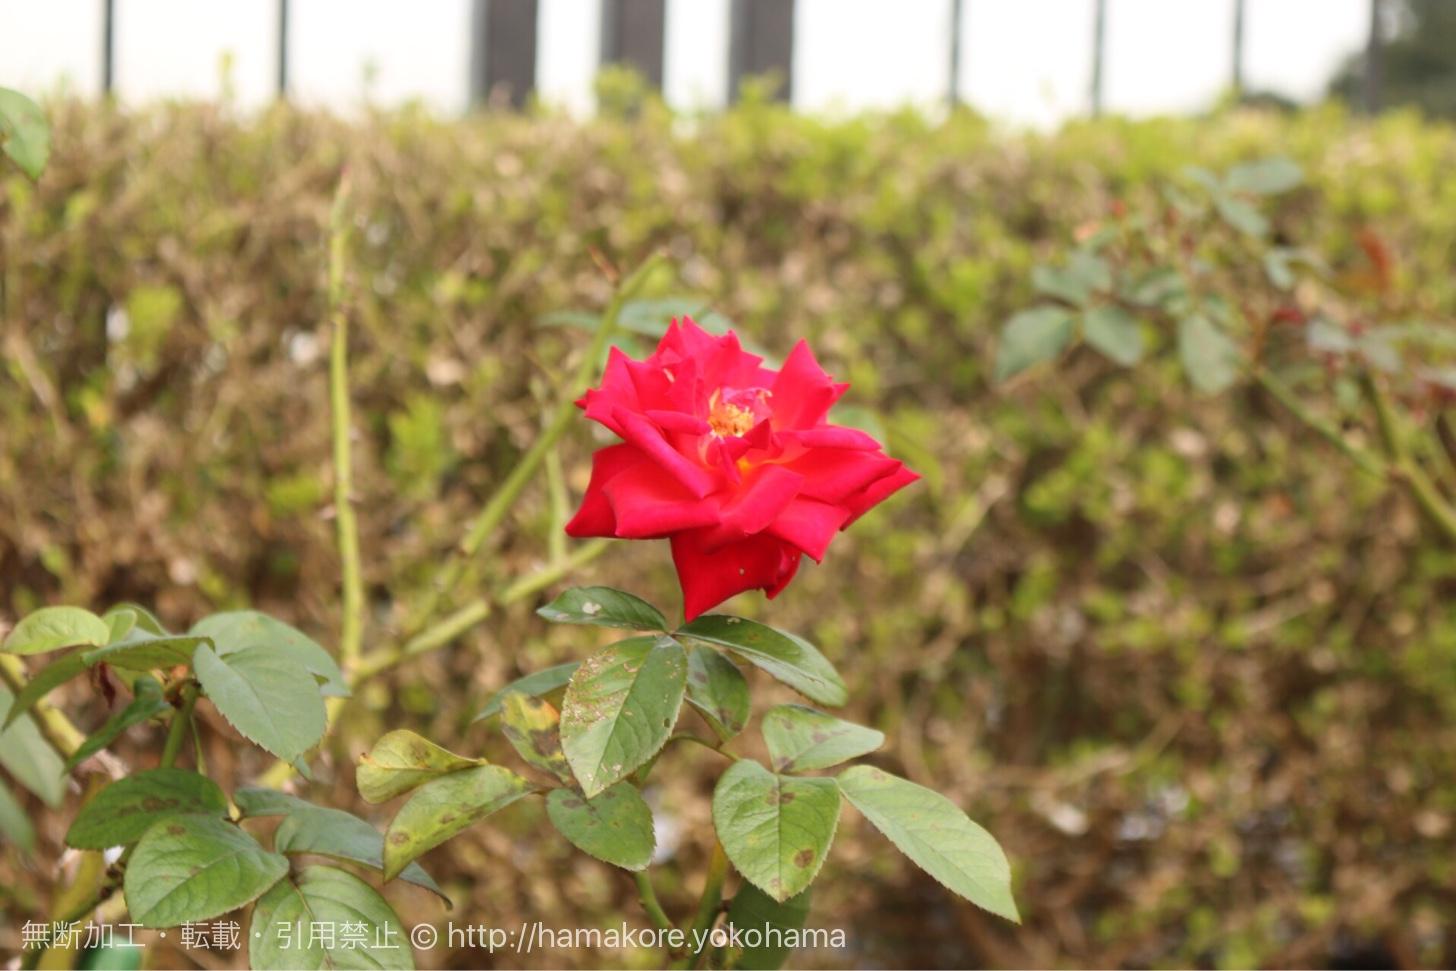 アメリカ山公園に咲いたバラ